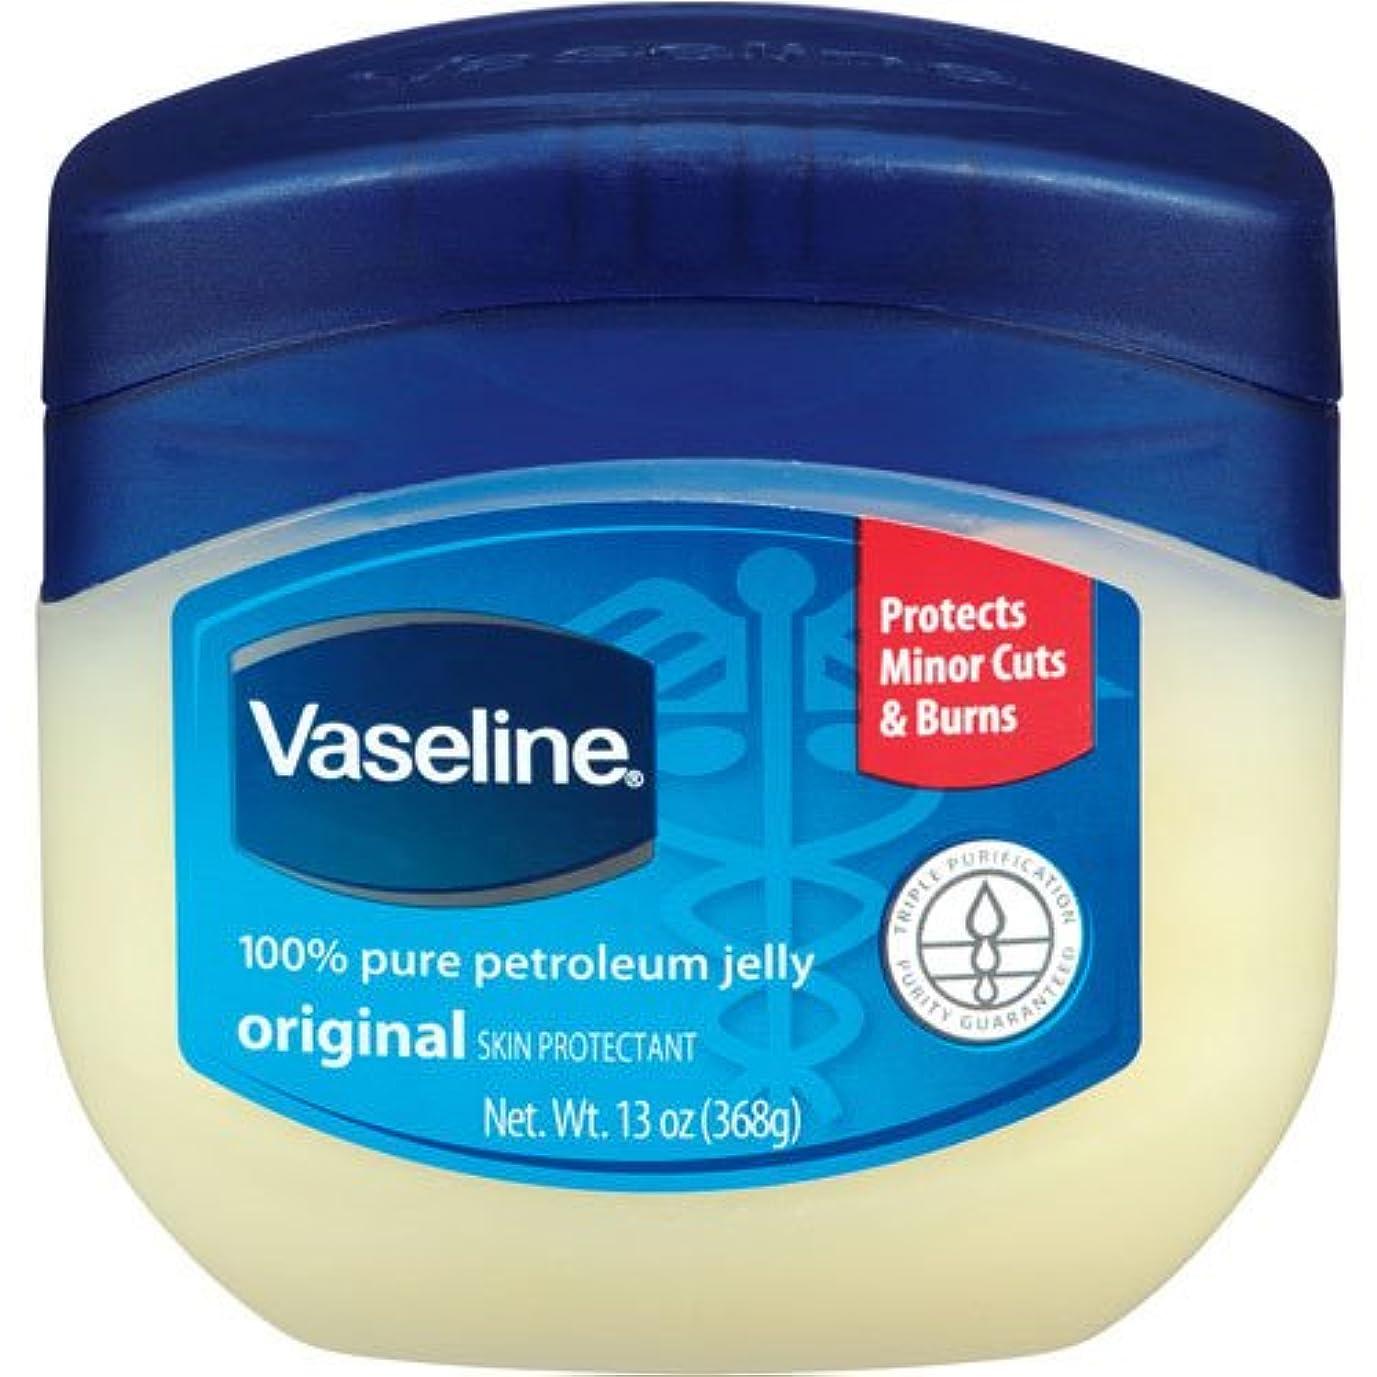 霧マリン共和党ヴァセリン [Vaseline]ペトロリュームジェリージャータイプ[保湿クリーム]368g[並行輸入品]